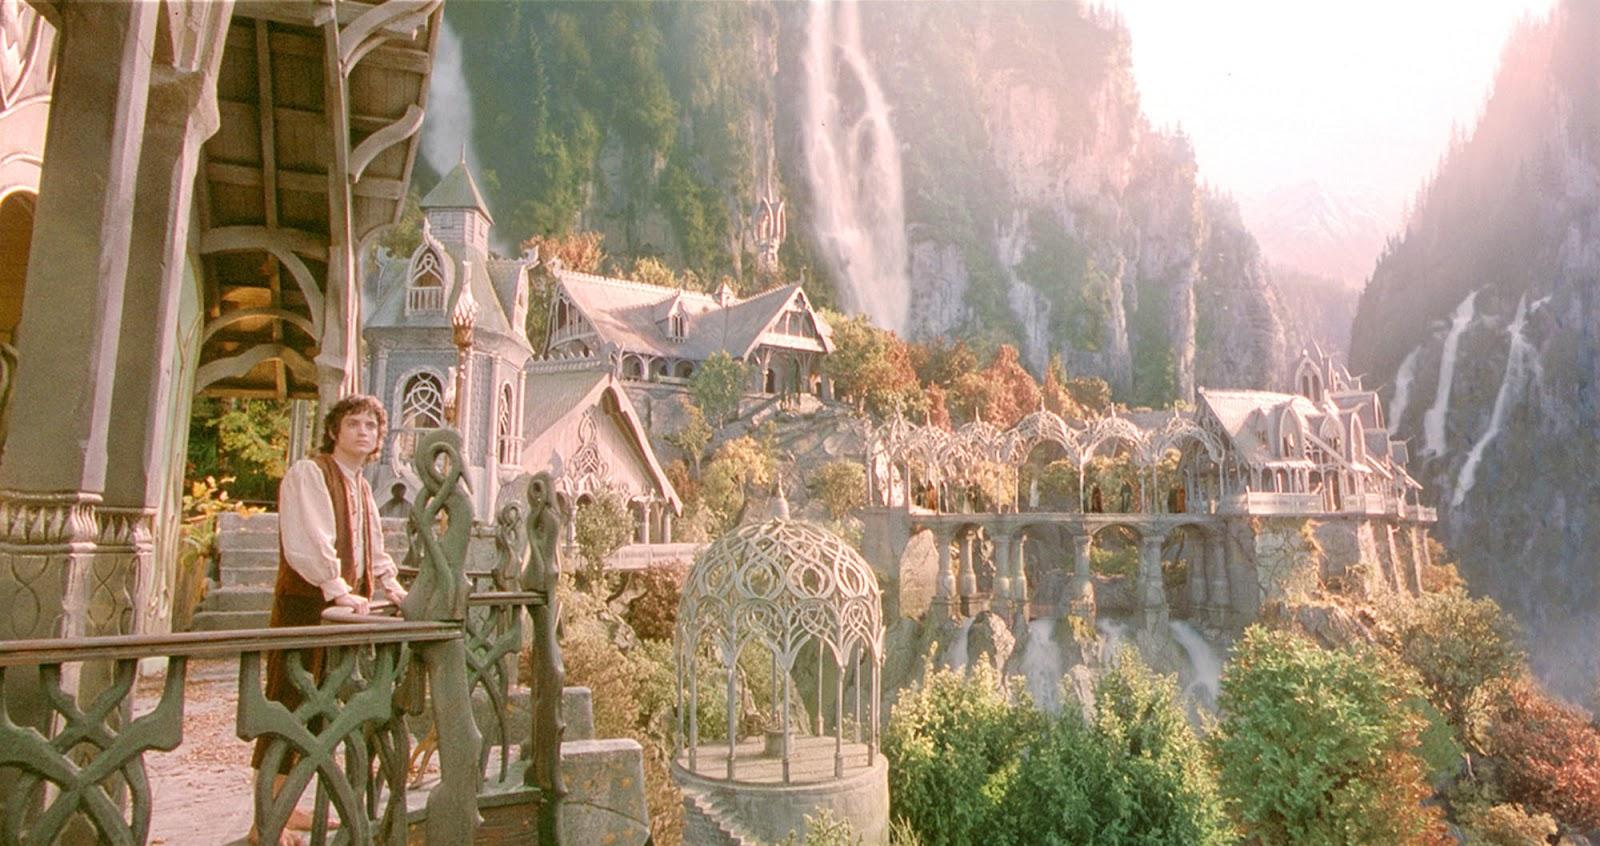 Fotografía de Frodo en 'El Señor de los Anillos'